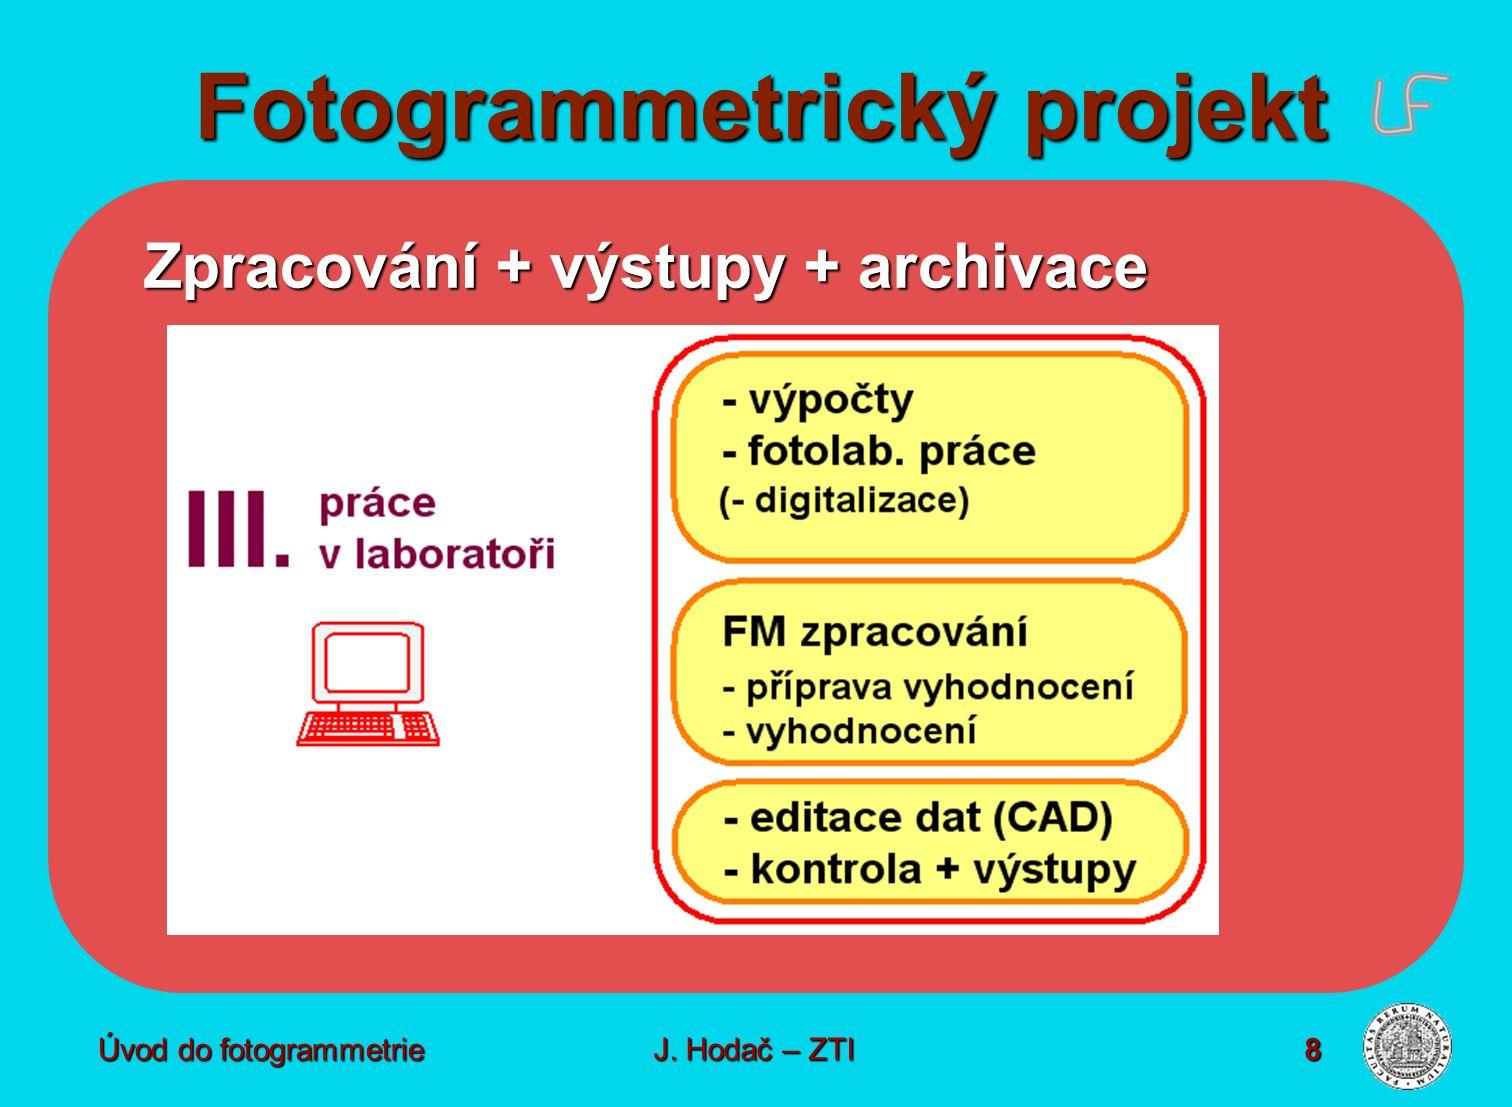 Úvod do fotogrammetrie8 Fotogrammetrický projekt Zpracování + výstupy + archivace J. Hodač – ZTI